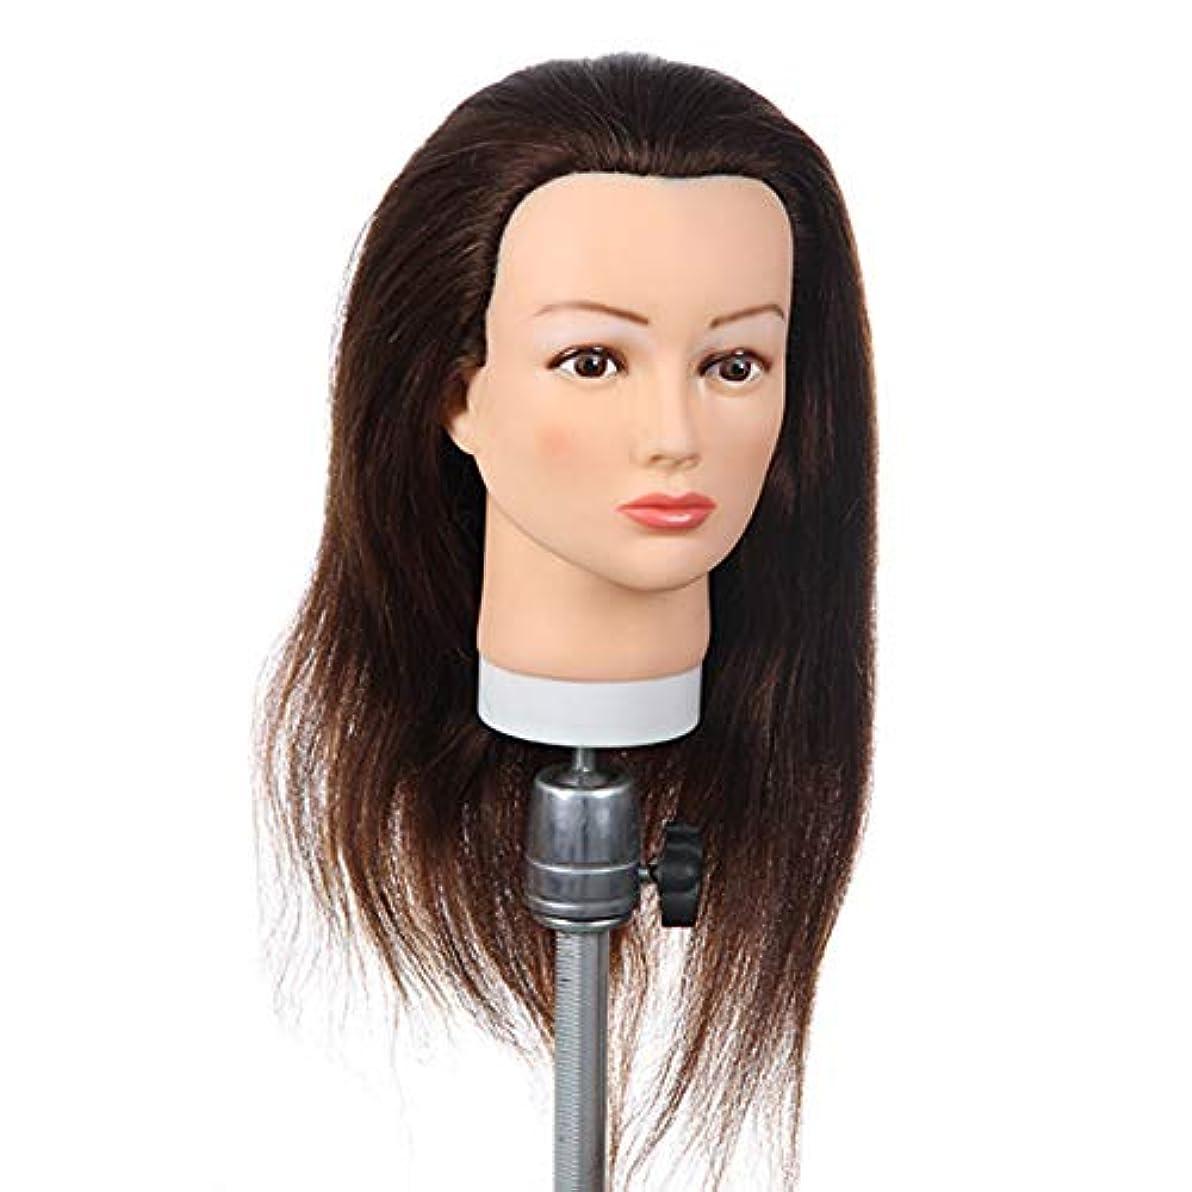 着服枕樹皮理髪店理髪練習ヘッドパーマ髪染め髪ダミーヘッド花嫁メイクスタイリング編組マネキンヘッド